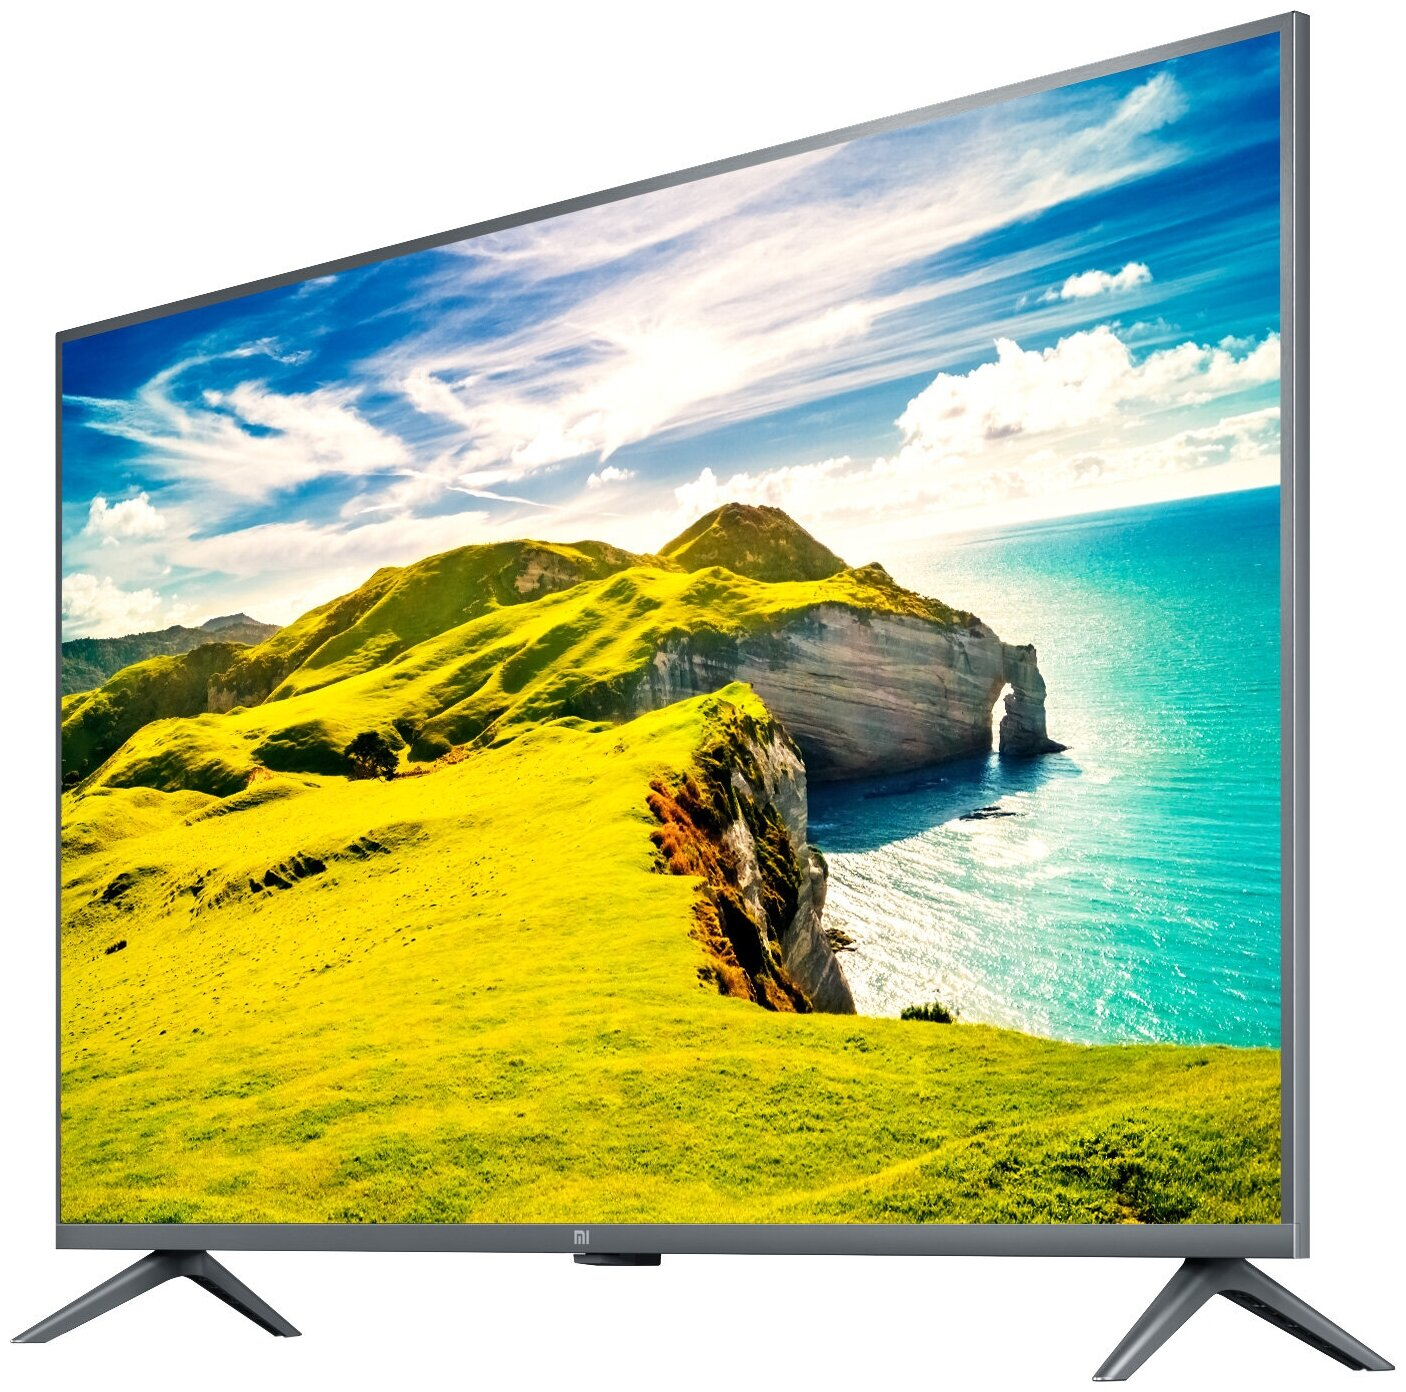 Купить Телевизор Хайоми В Интернет Магазине